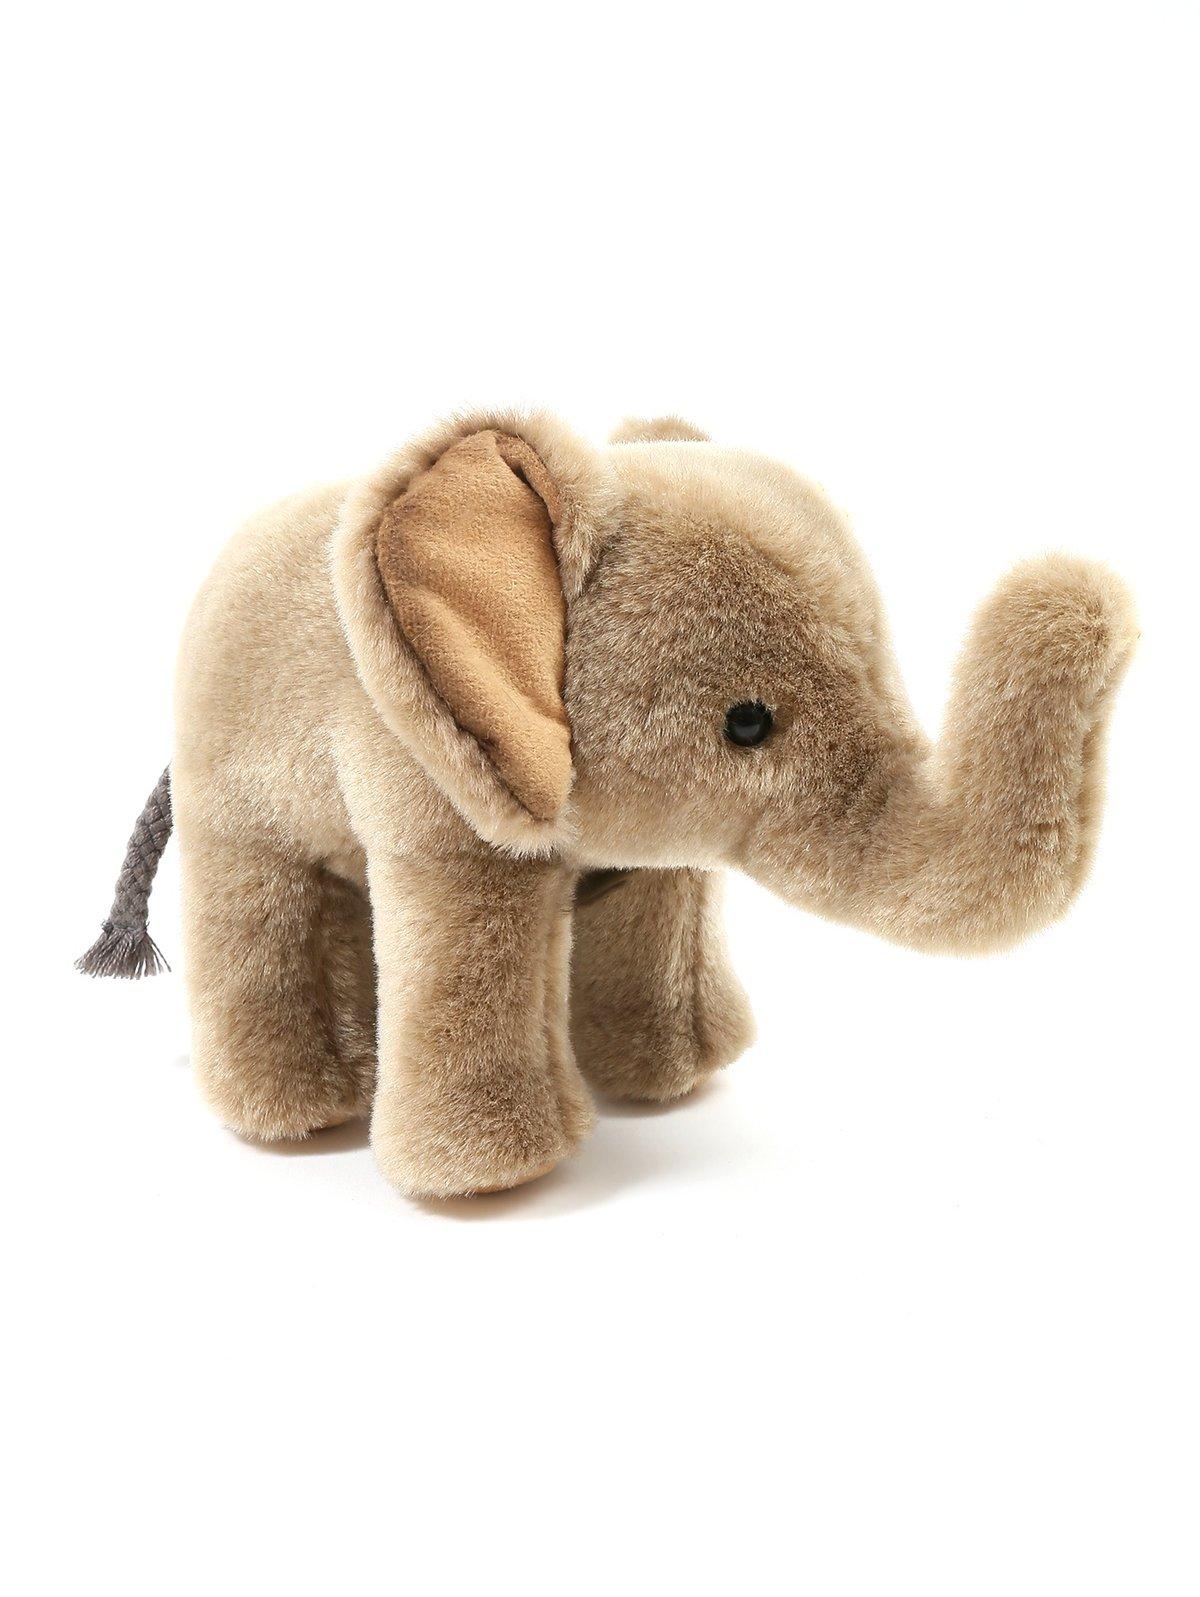 картинки плюшевых слоников банках хранятся